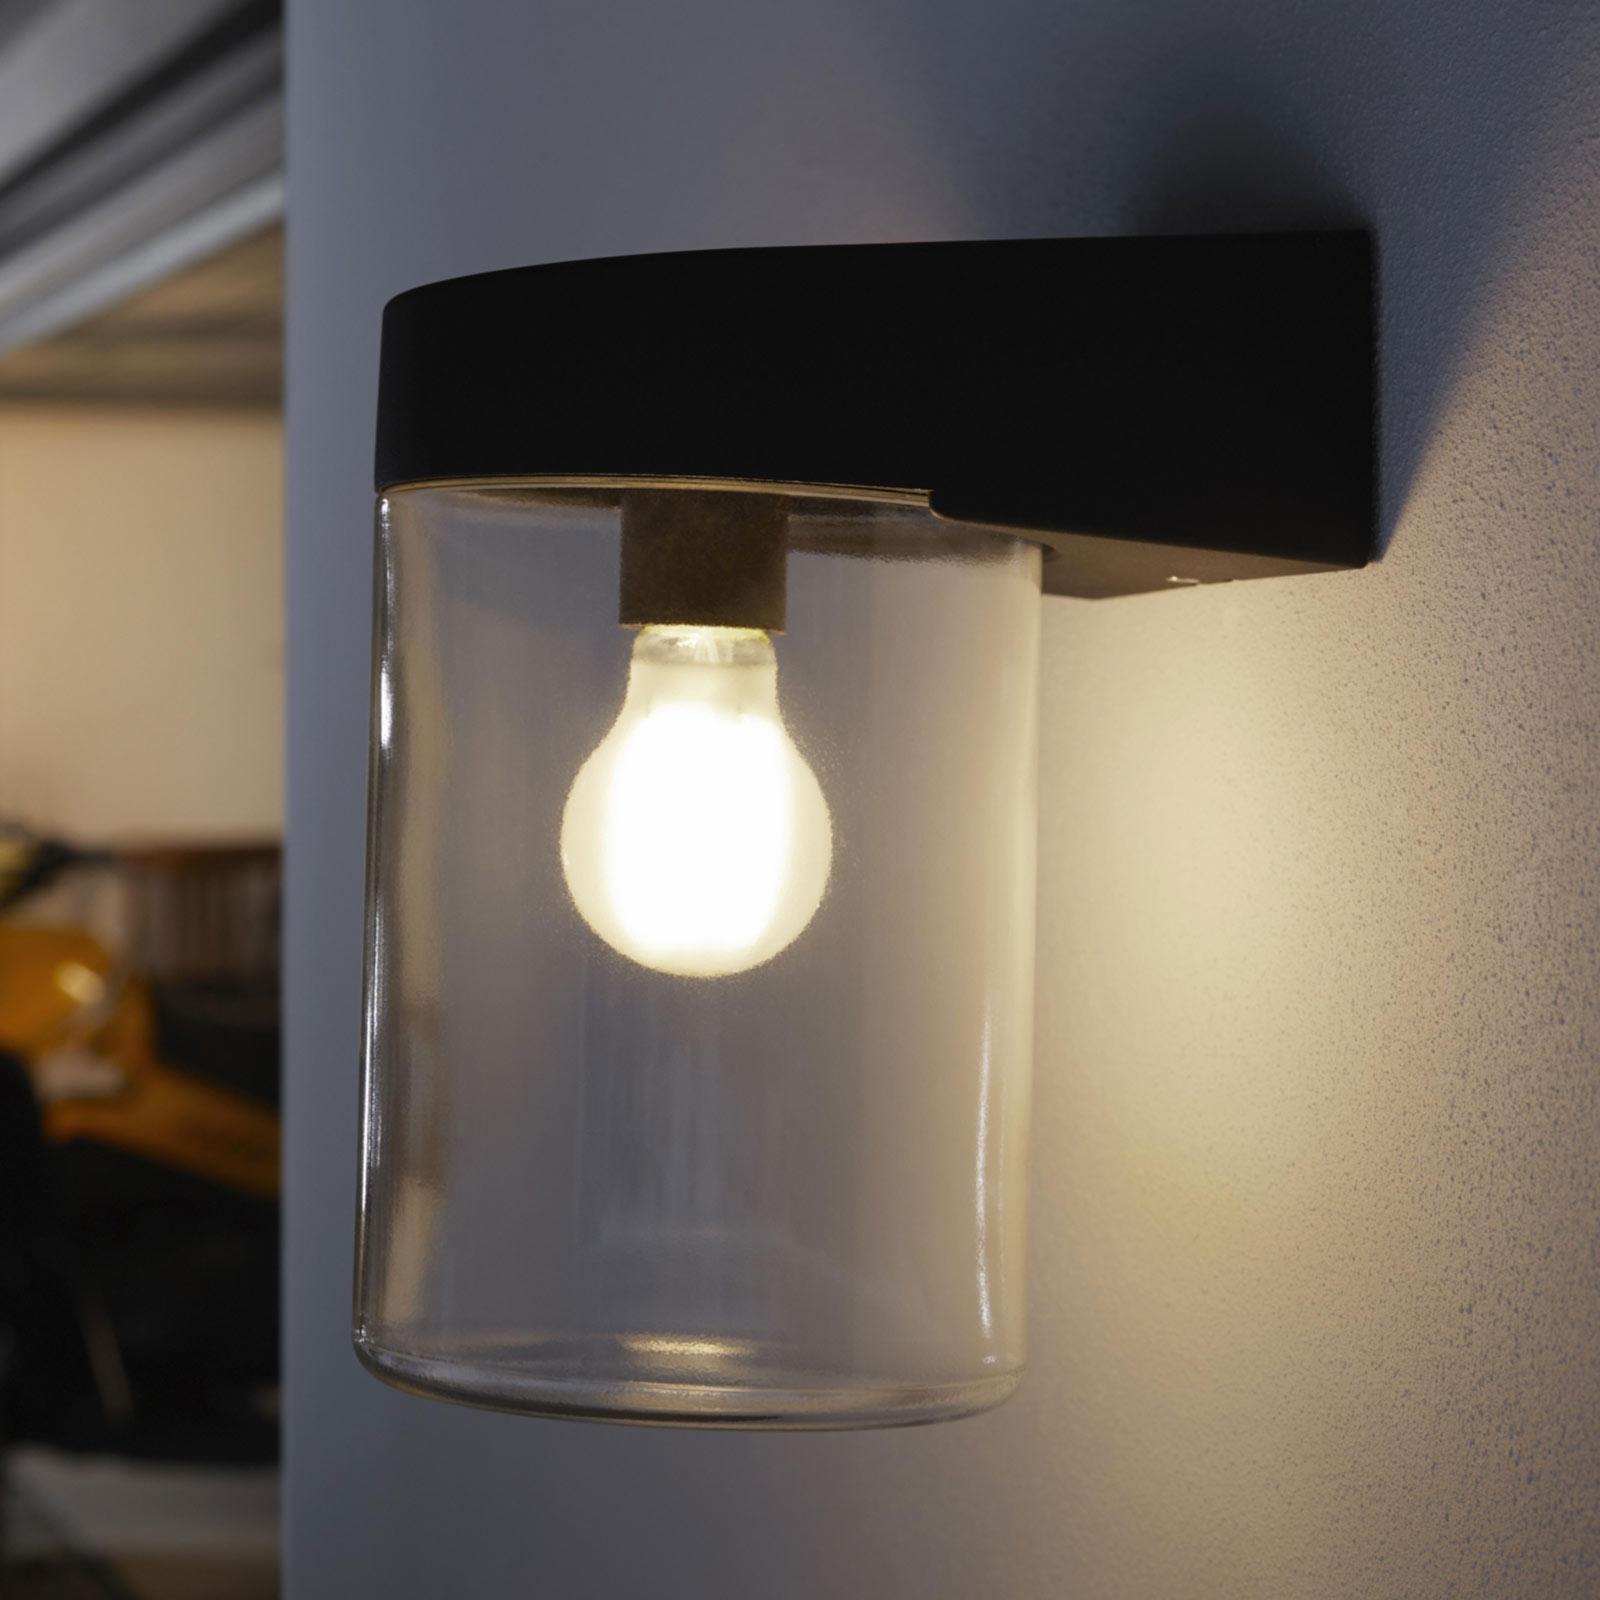 Acquista LEDVANCE Endura Classic Bold applique esterni